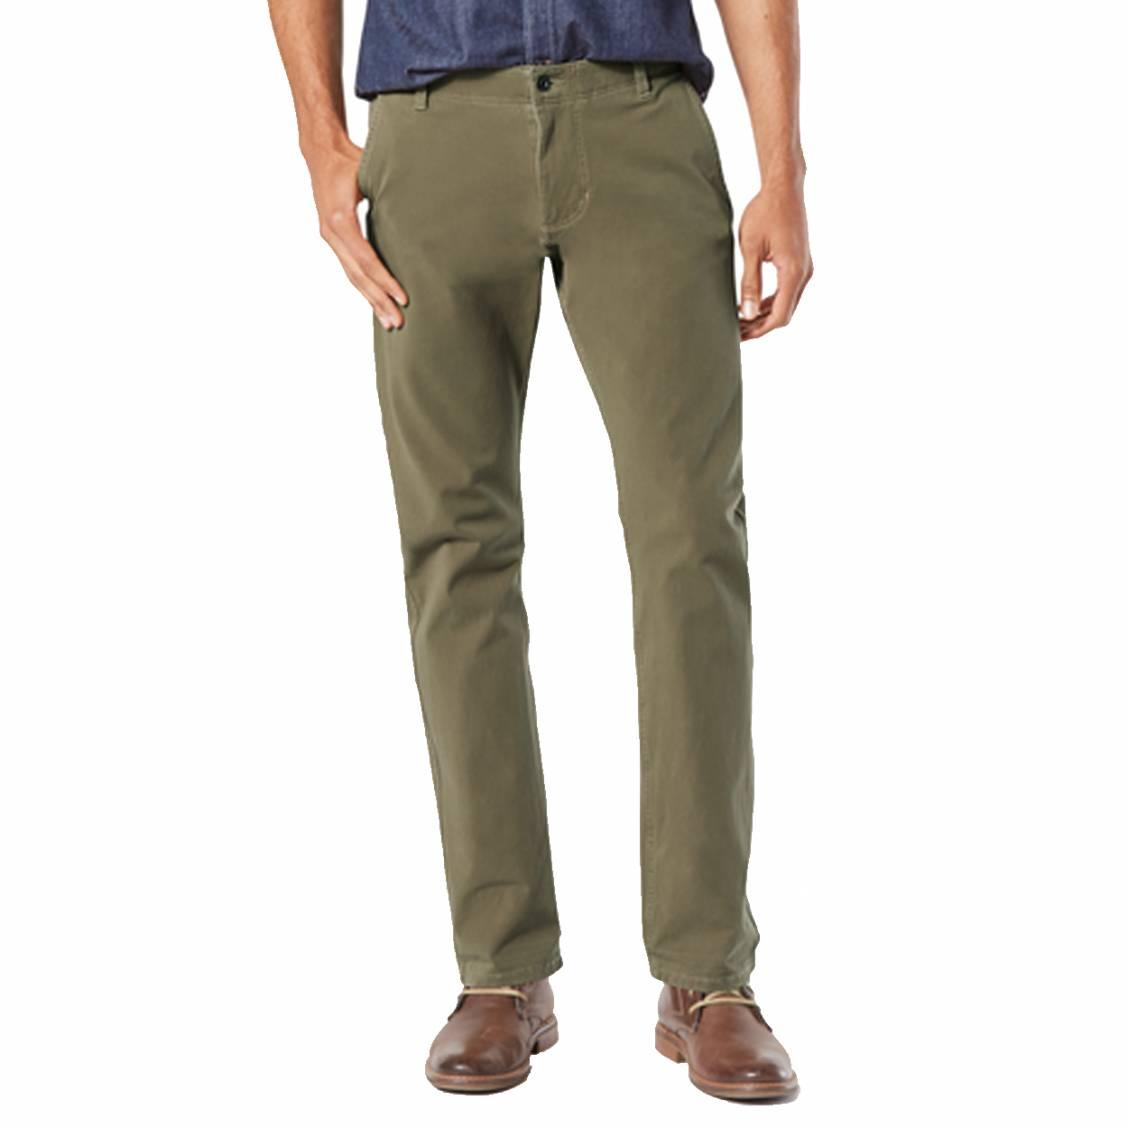 Pantalon  alpha khaki en coton stretch olive